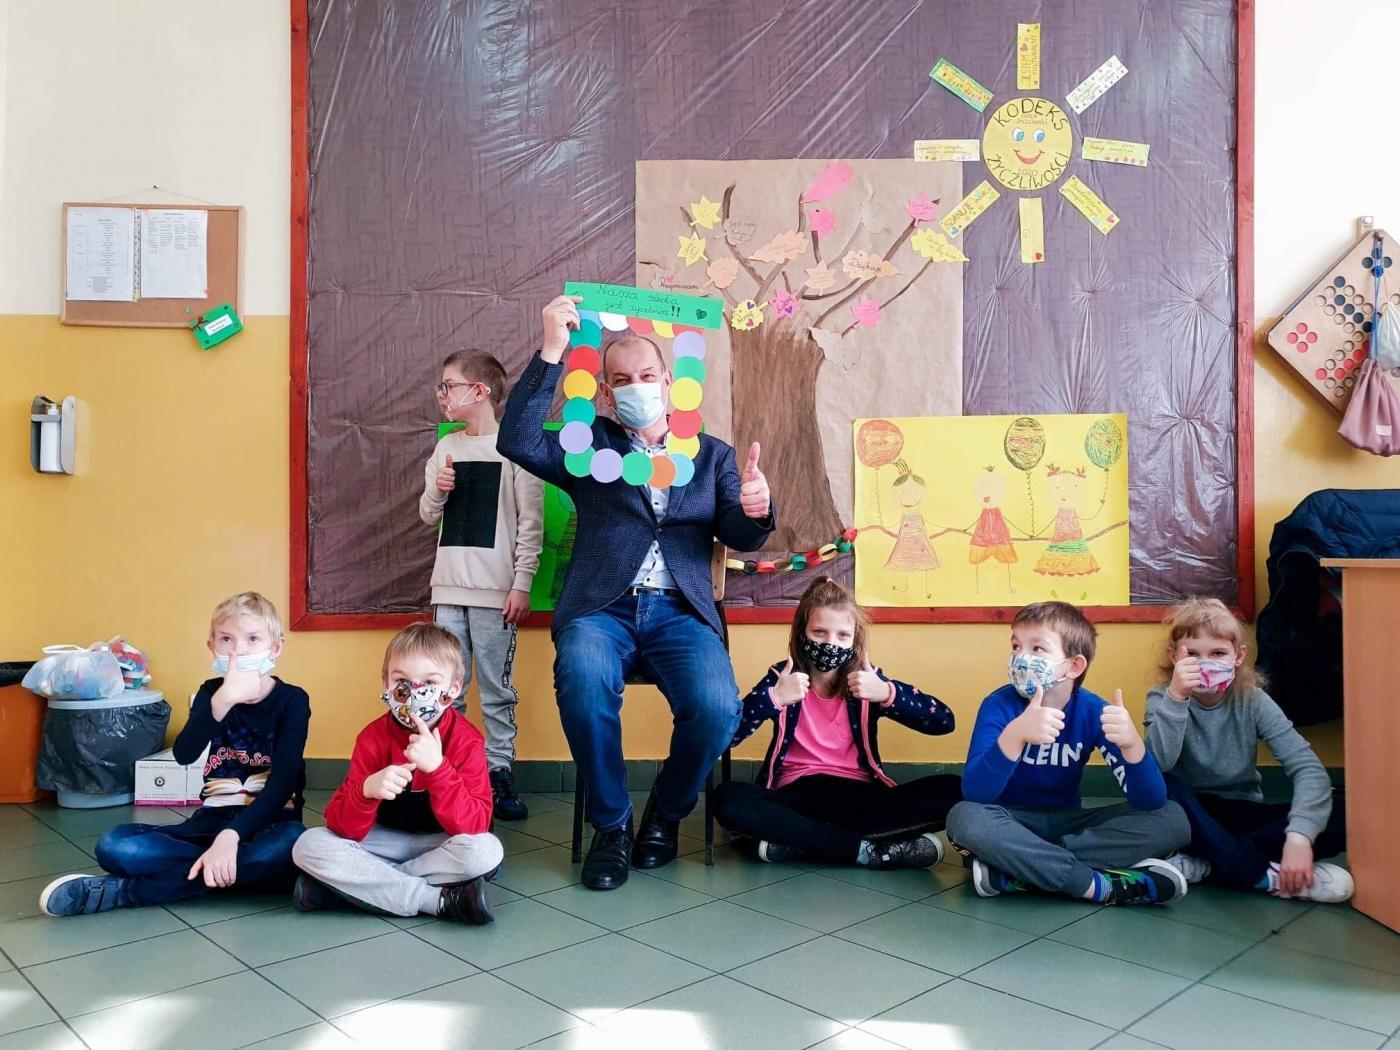 Międzynarodowy Dzień Życzliwości w Szkole Podstawowej Specjalnej nr 10